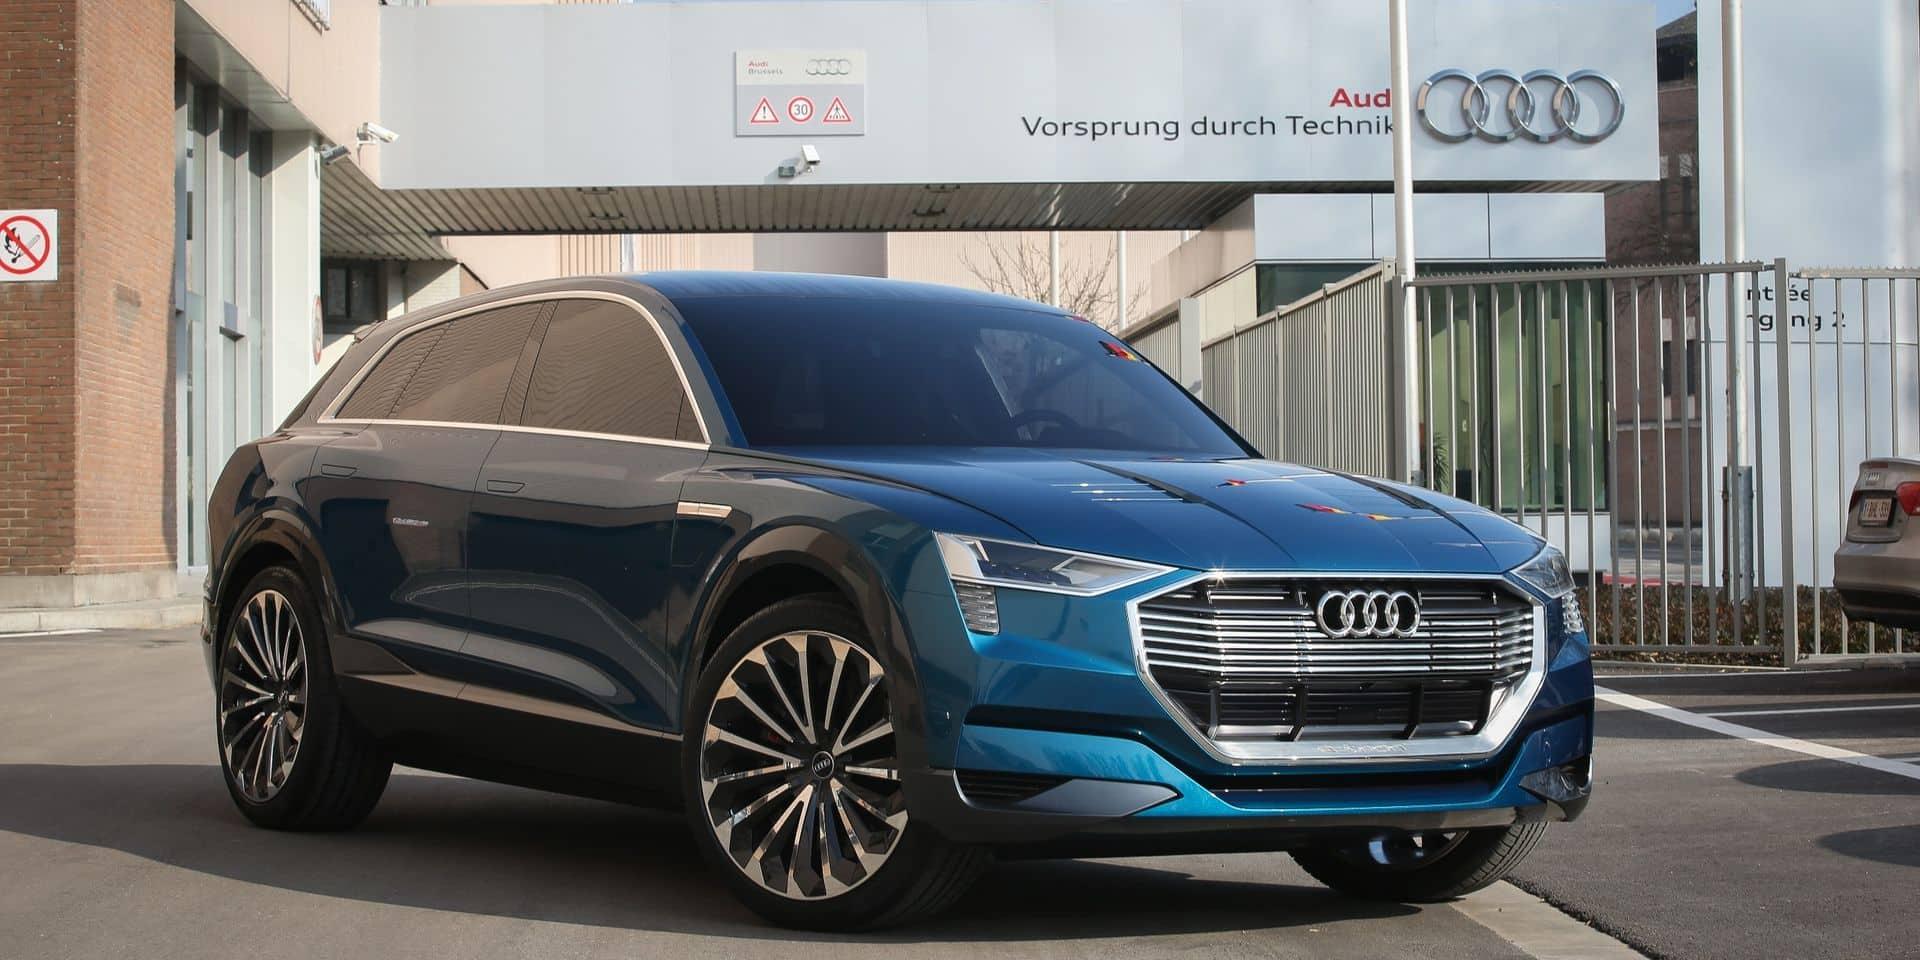 Le chiffre d'affaires d'Audi repasse sous la barre des 50 milliards d'euros